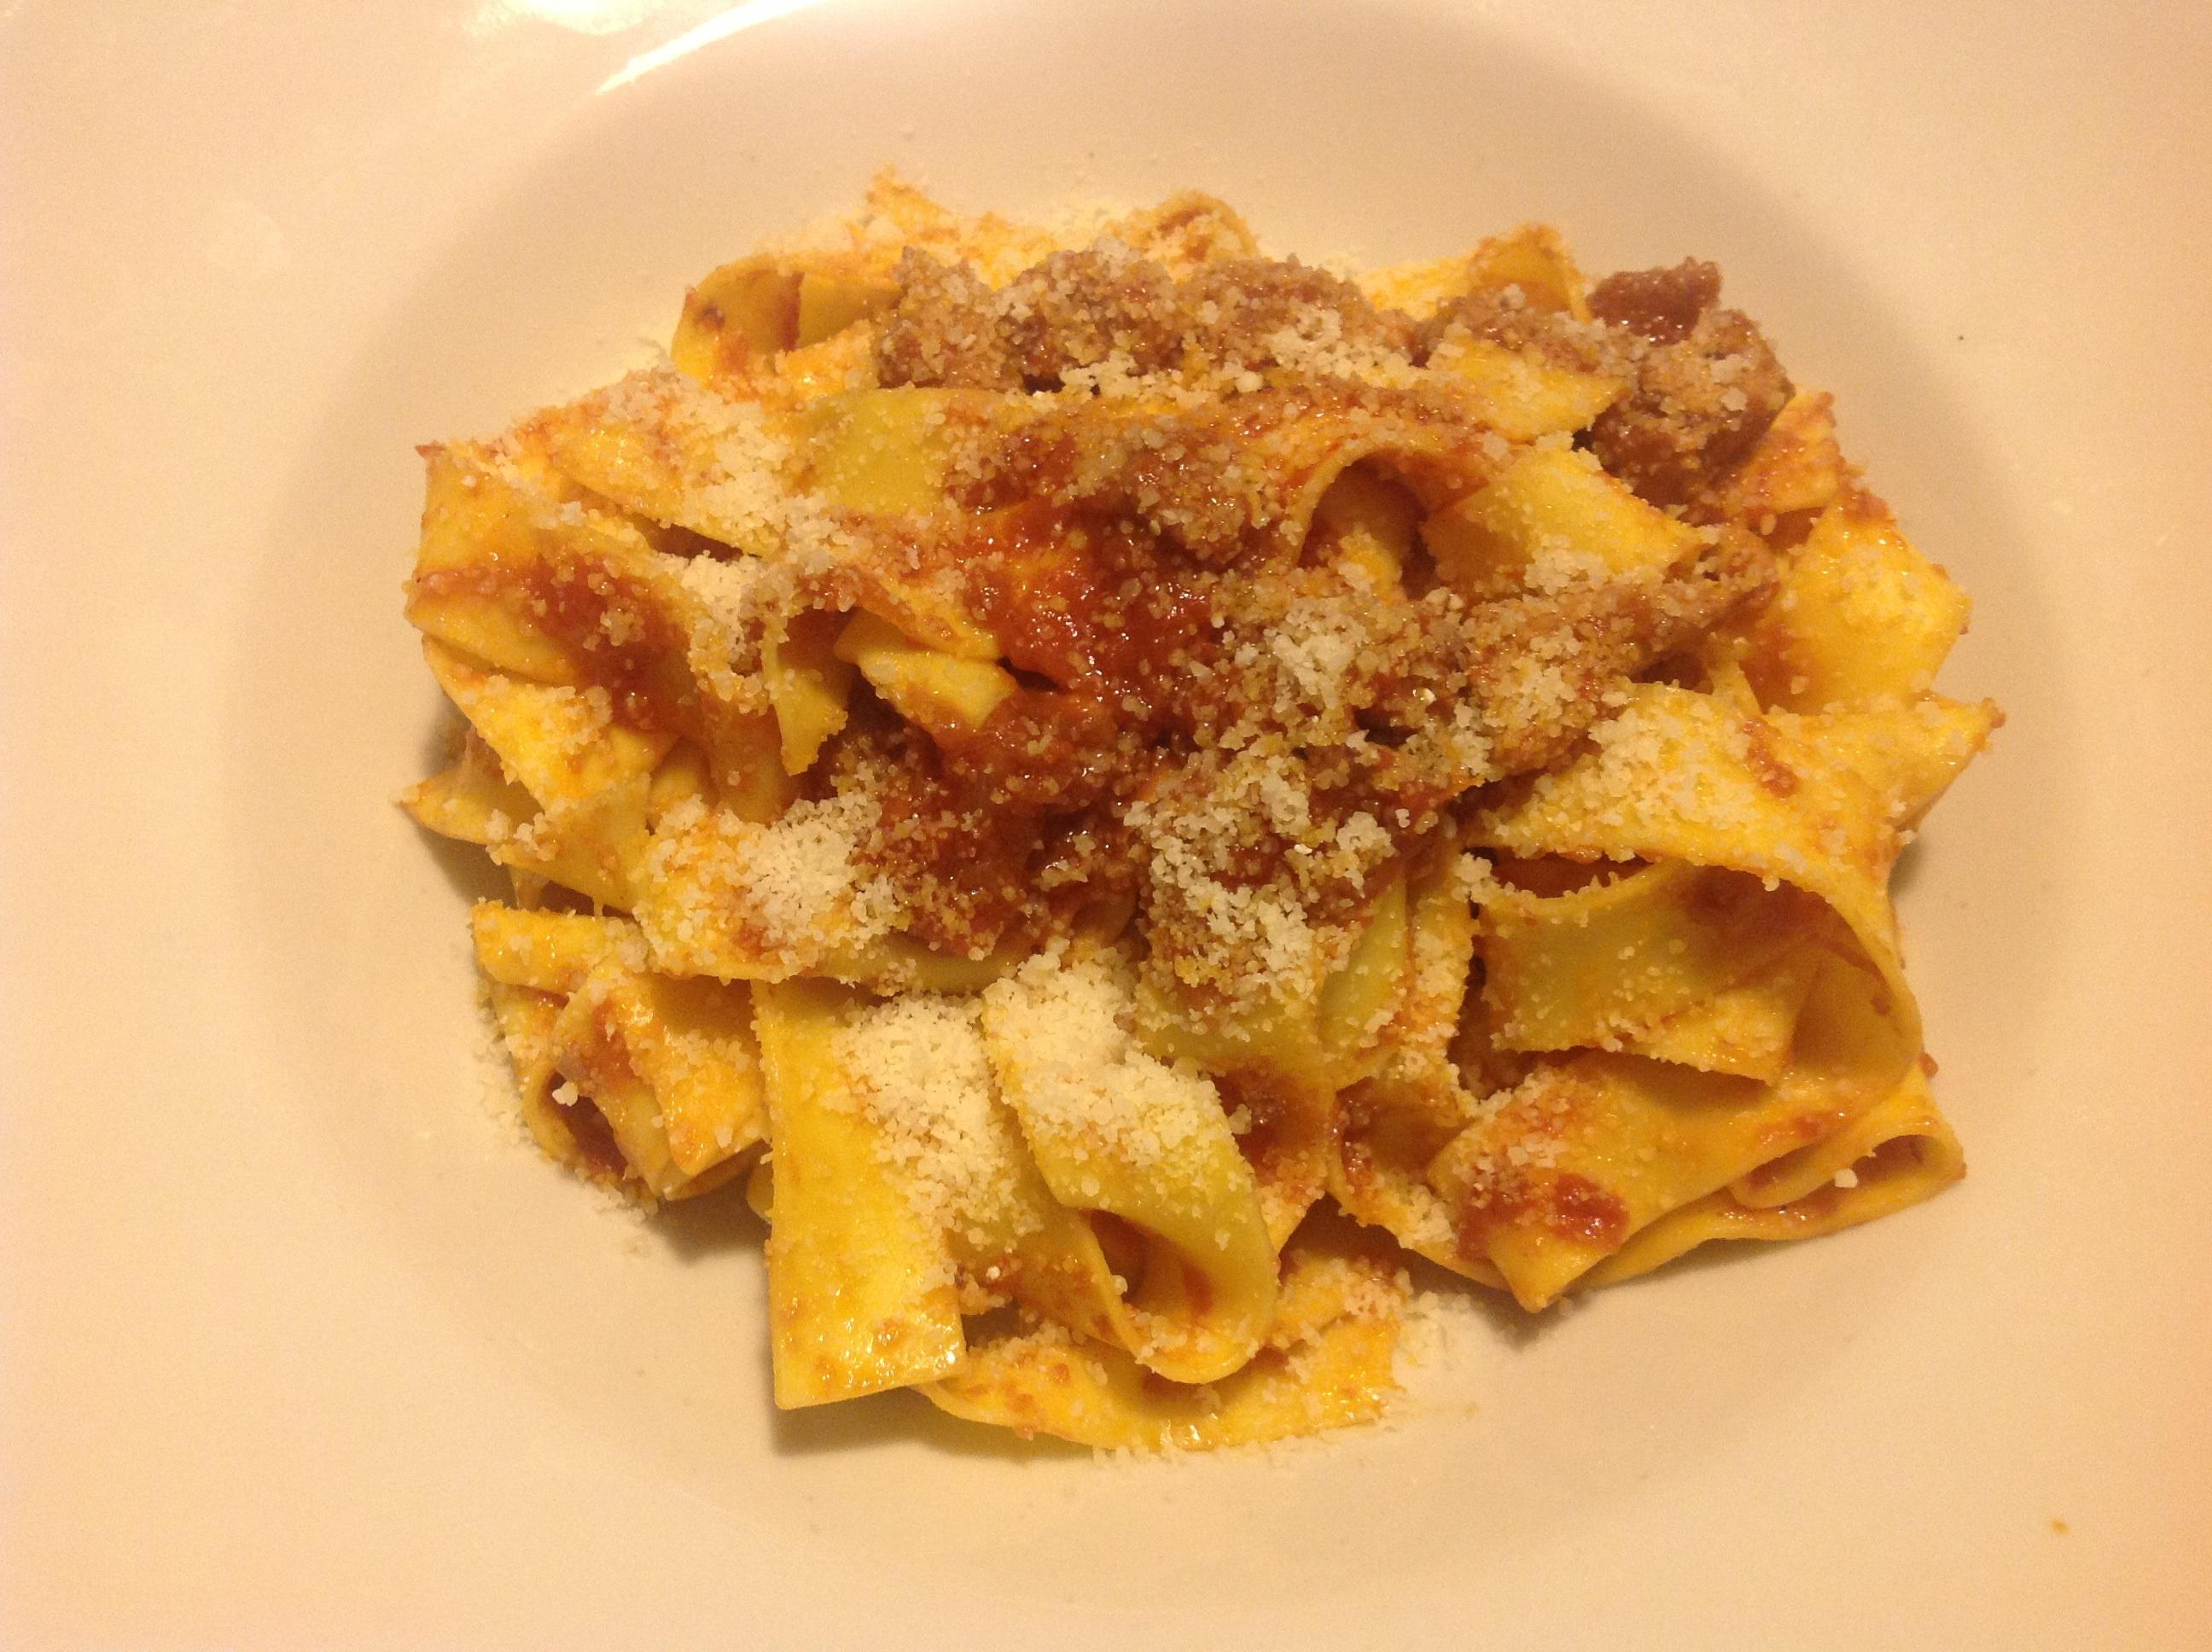 Pappardelle mit Ragù alla bolognese (mit dem Messer geschnitten)